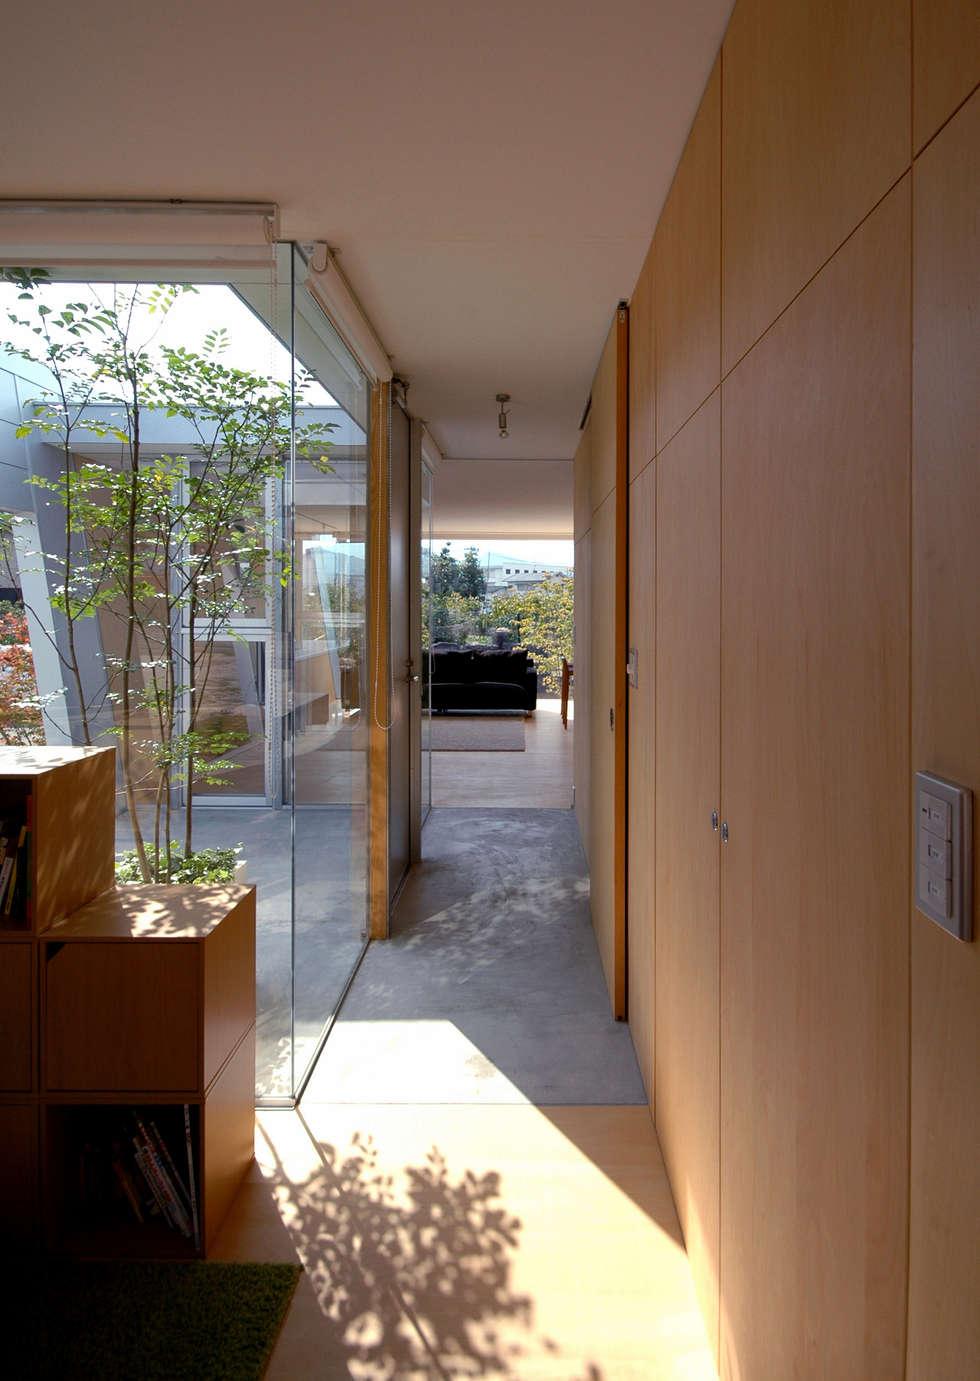 ボートハウスの玄関: 土居建築工房が手掛けた庭です。